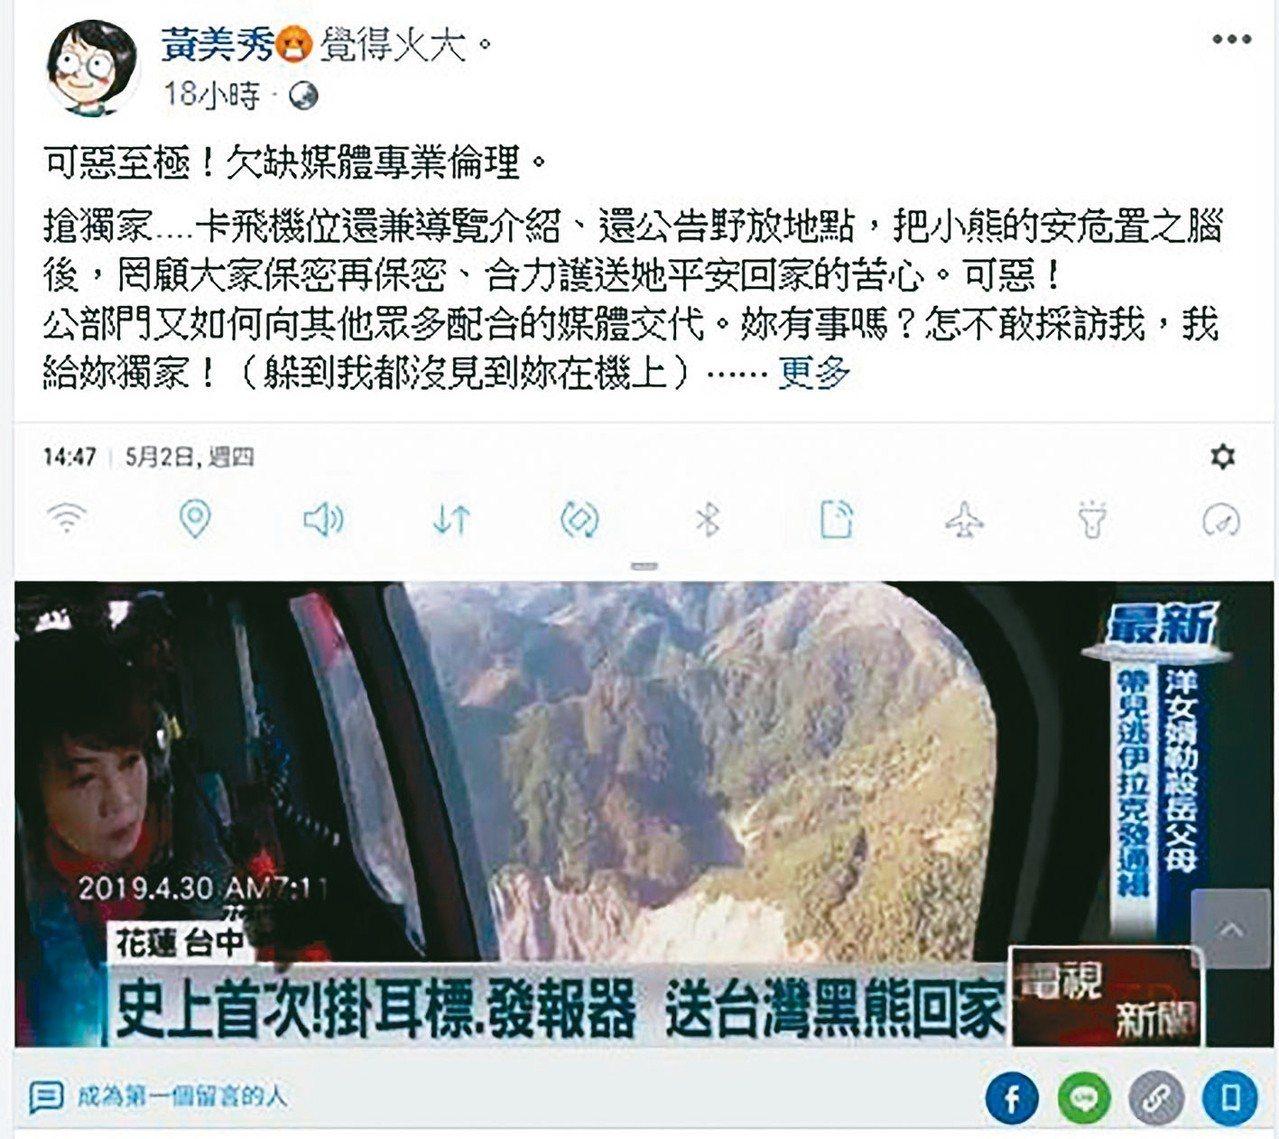 人稱「黑熊媽媽」的屏科大副教授黃美秀在臉書上批評電視台為搶獨家造成小黑熊野放危機...